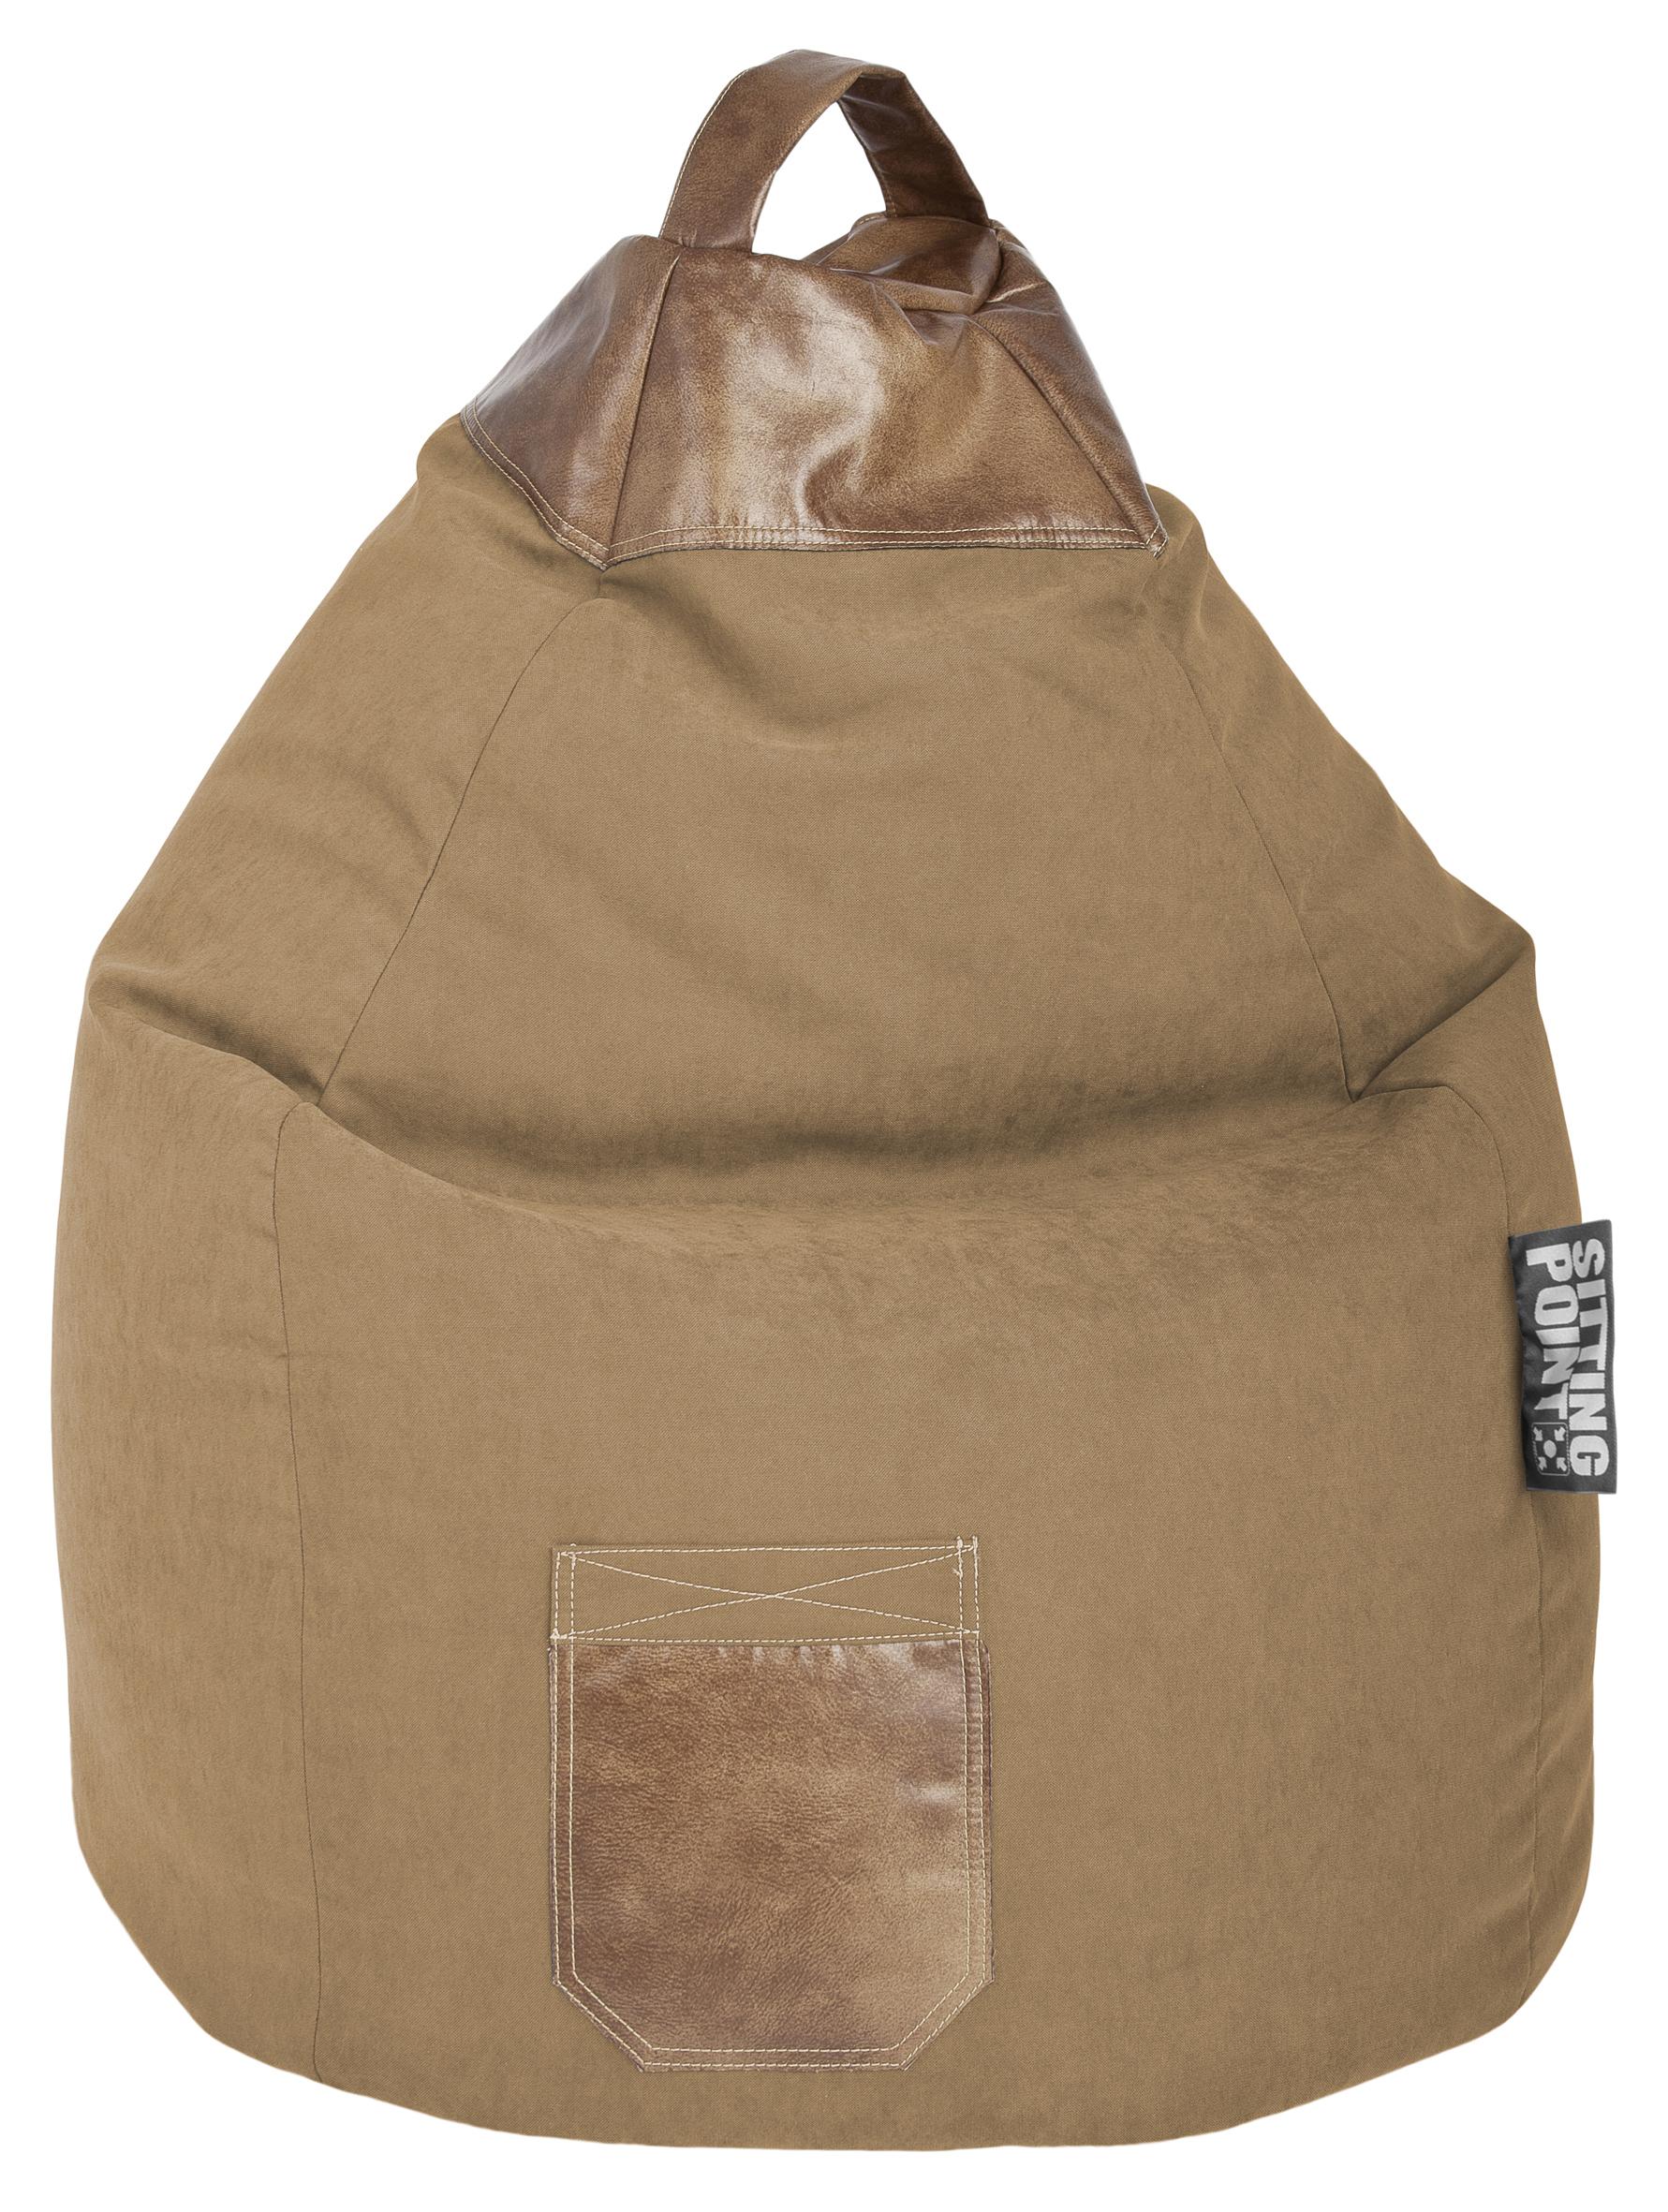 Marvelous Sitting Point Bean Bag Jamie Xl En Xxl Creativecarmelina Interior Chair Design Creativecarmelinacom